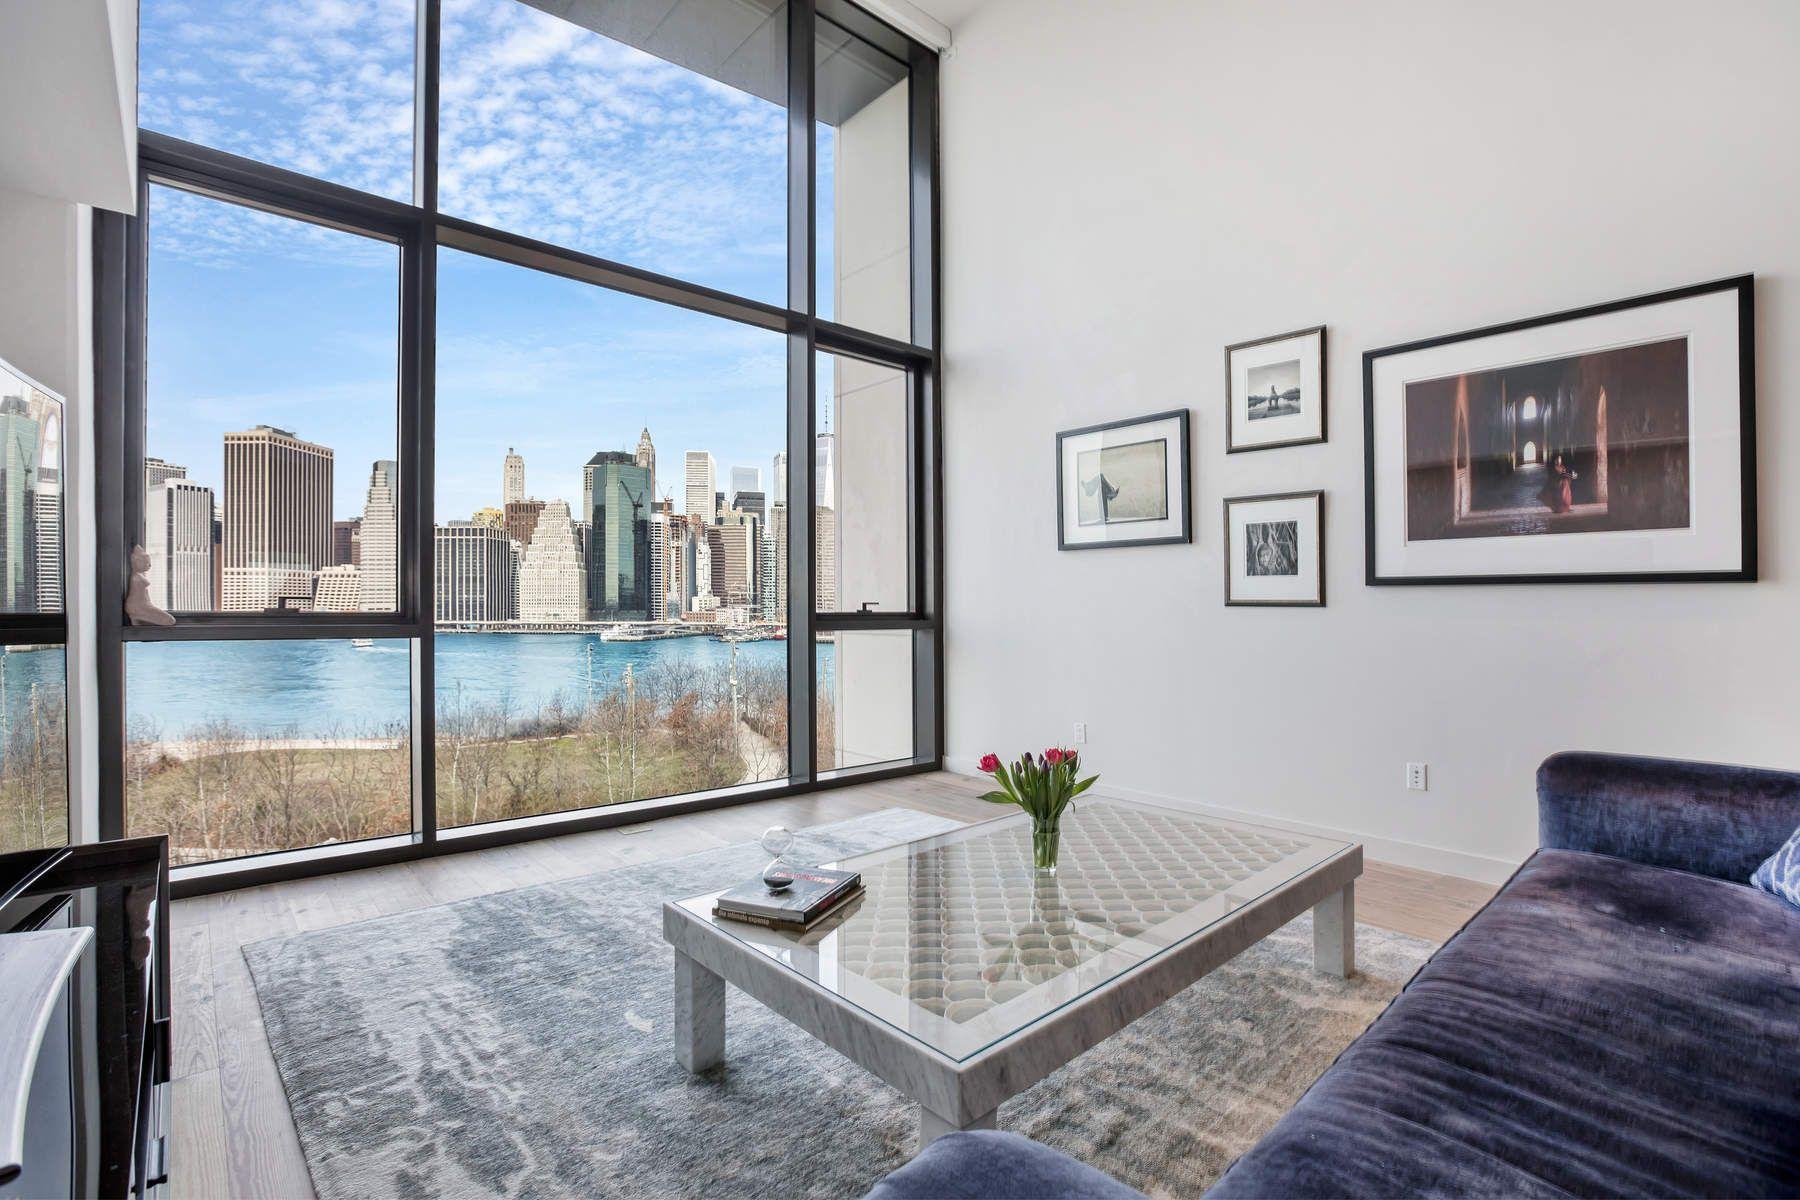 共管式独立产权公寓 为 销售 在 Massive 1 Bed Duplex - Views on Views 90 Furman Street Apt N801 布鲁克林, 纽约州 11201 美国